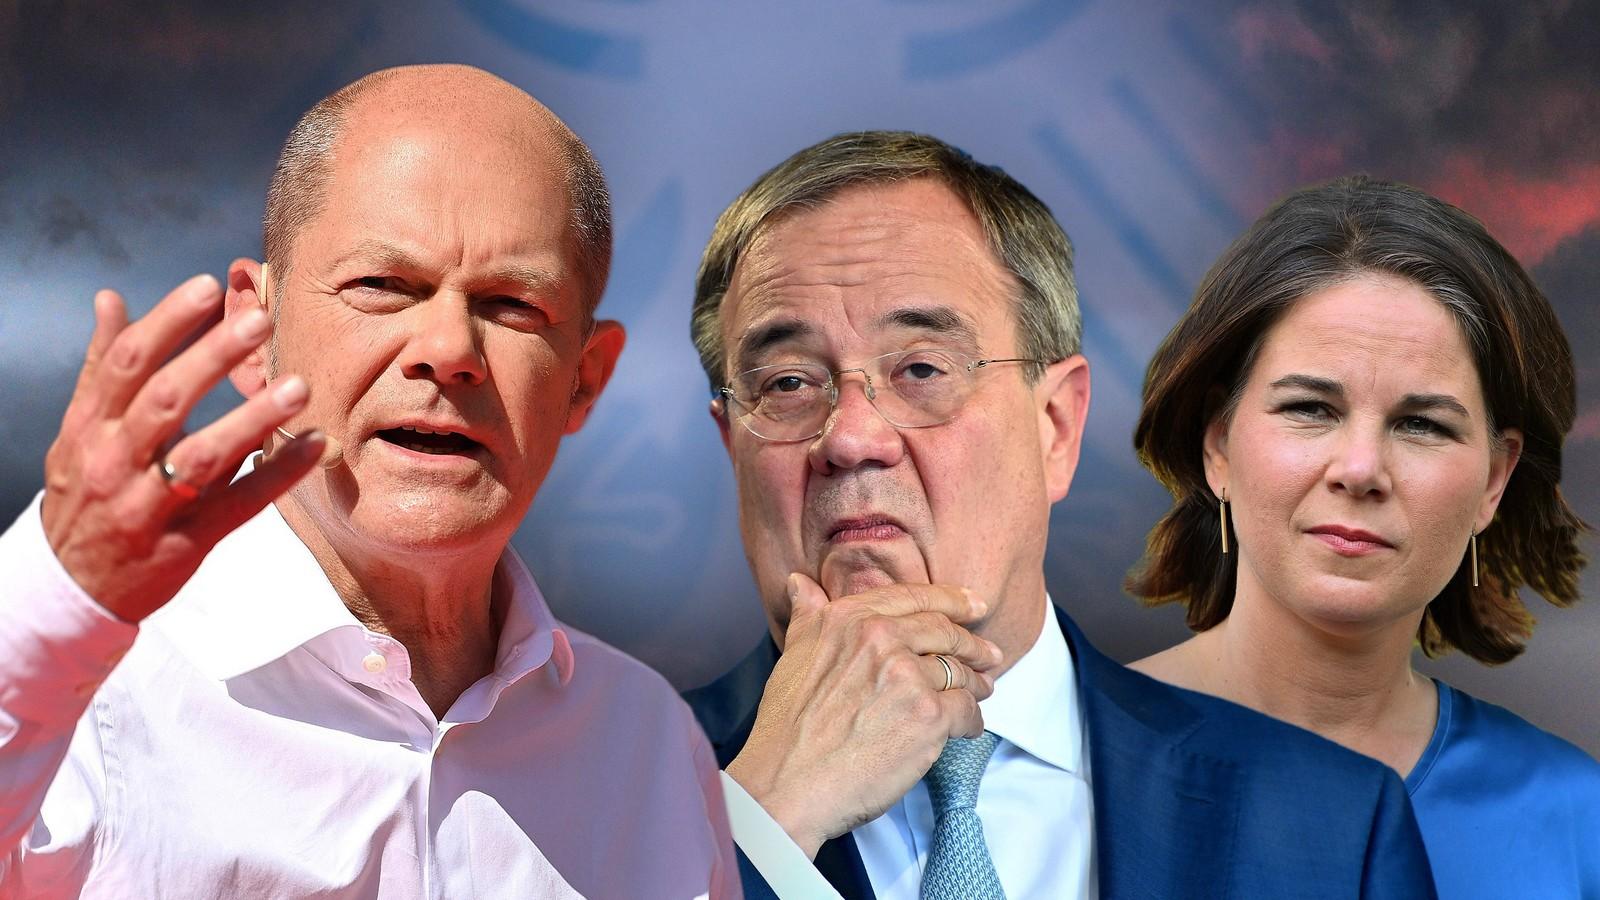 Olaf SCHOLZ (SPD),Armin LASCHET (CDU),Annalena BAERBOCK, (Buendnis 90/die Gruenen)